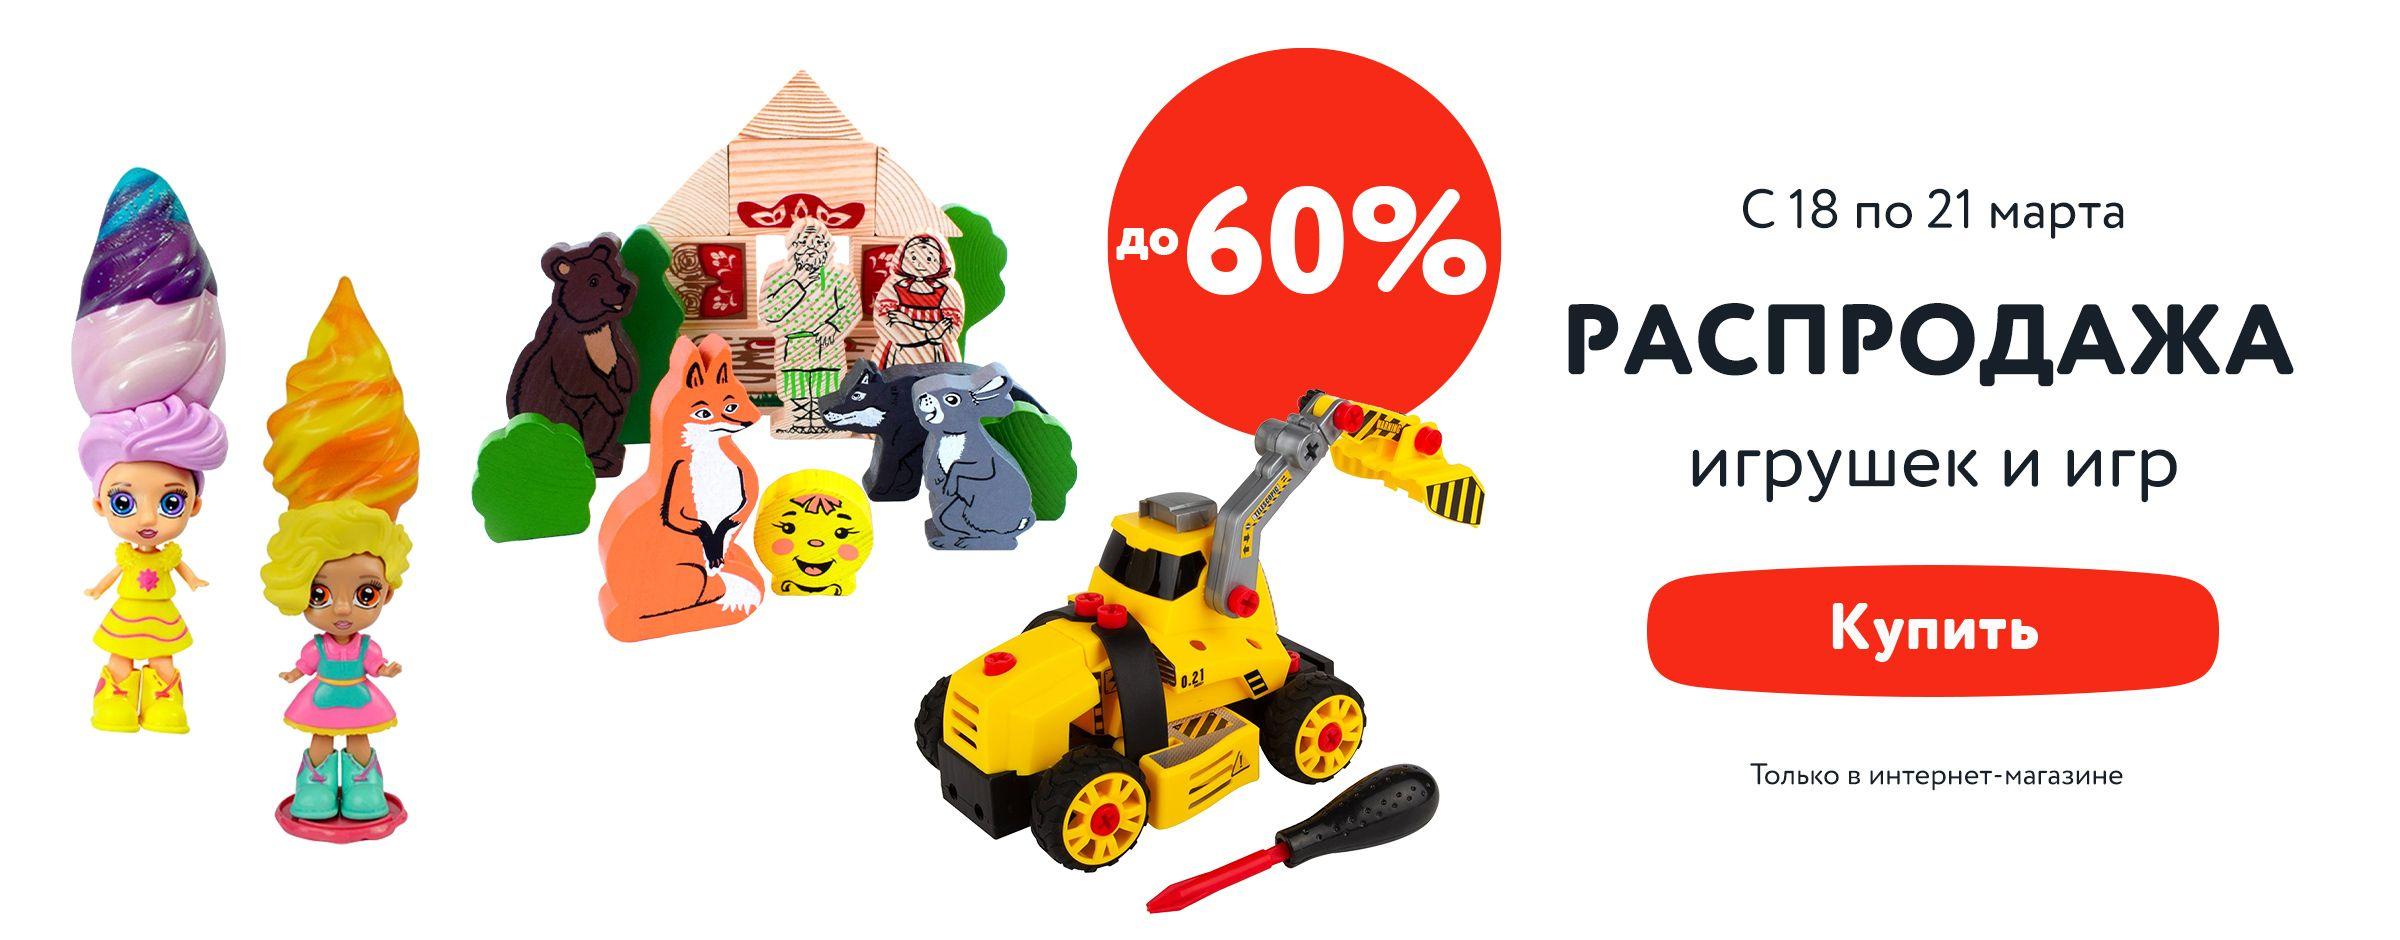 Скидки до 60% на игрушки и игры